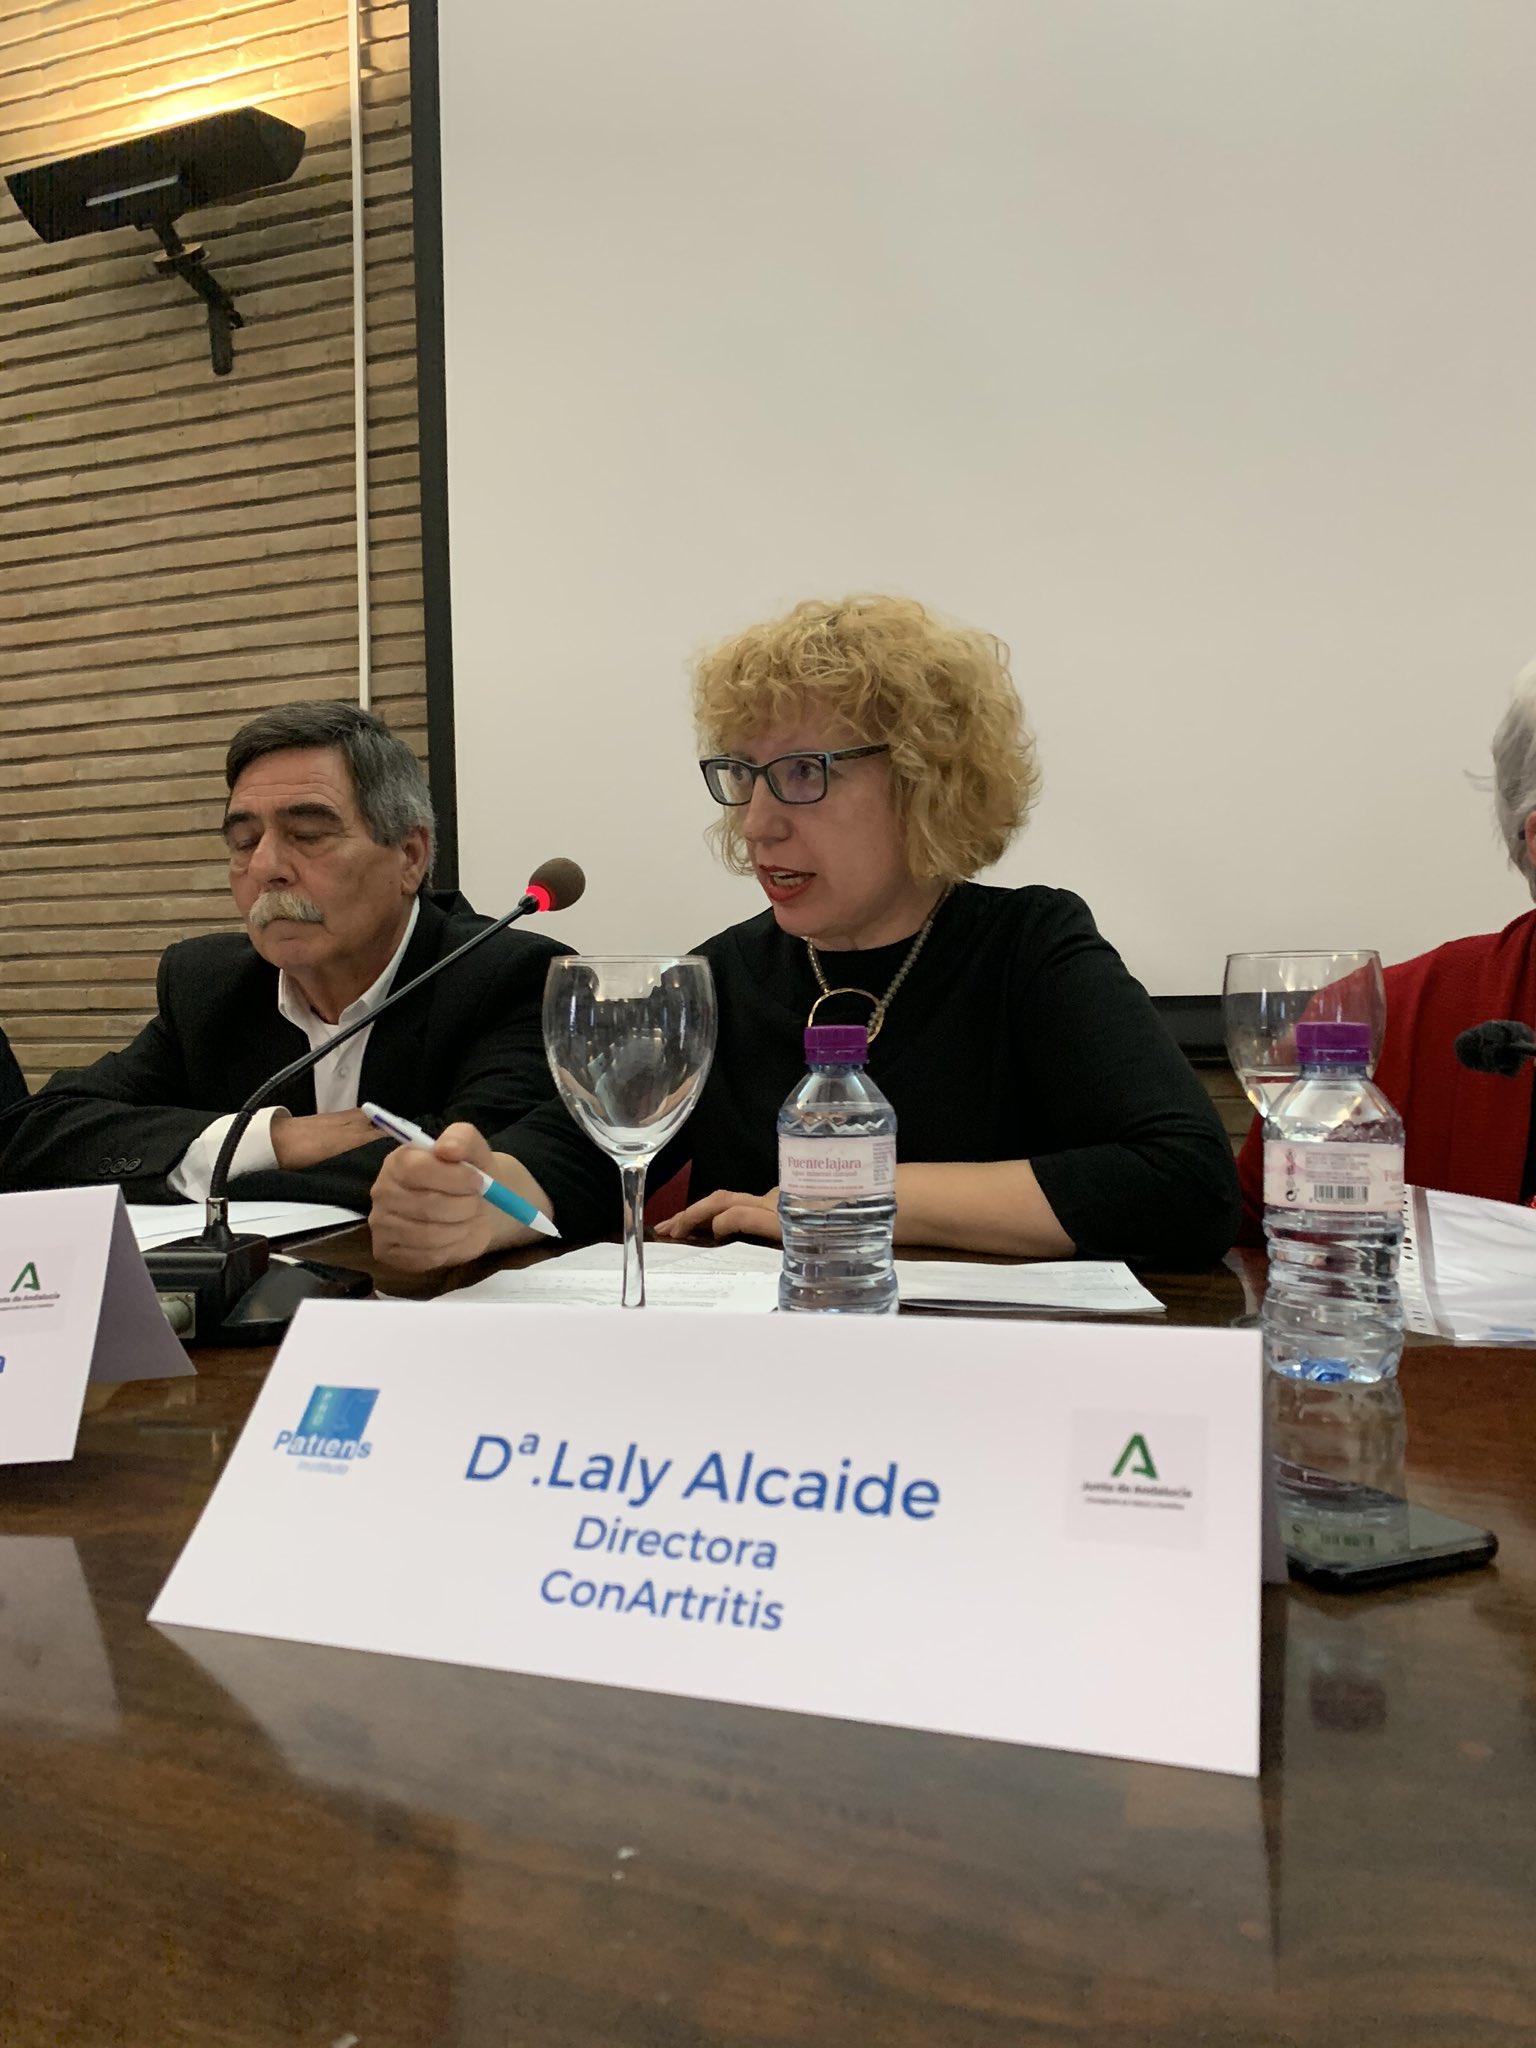 """LALY ALCAIDE - El Instituto ProPatiens celebra en Sevilla la """"Jornada Medicamento y Sociedad: Las Asociaciones de Pacientes en Andalucía"""""""